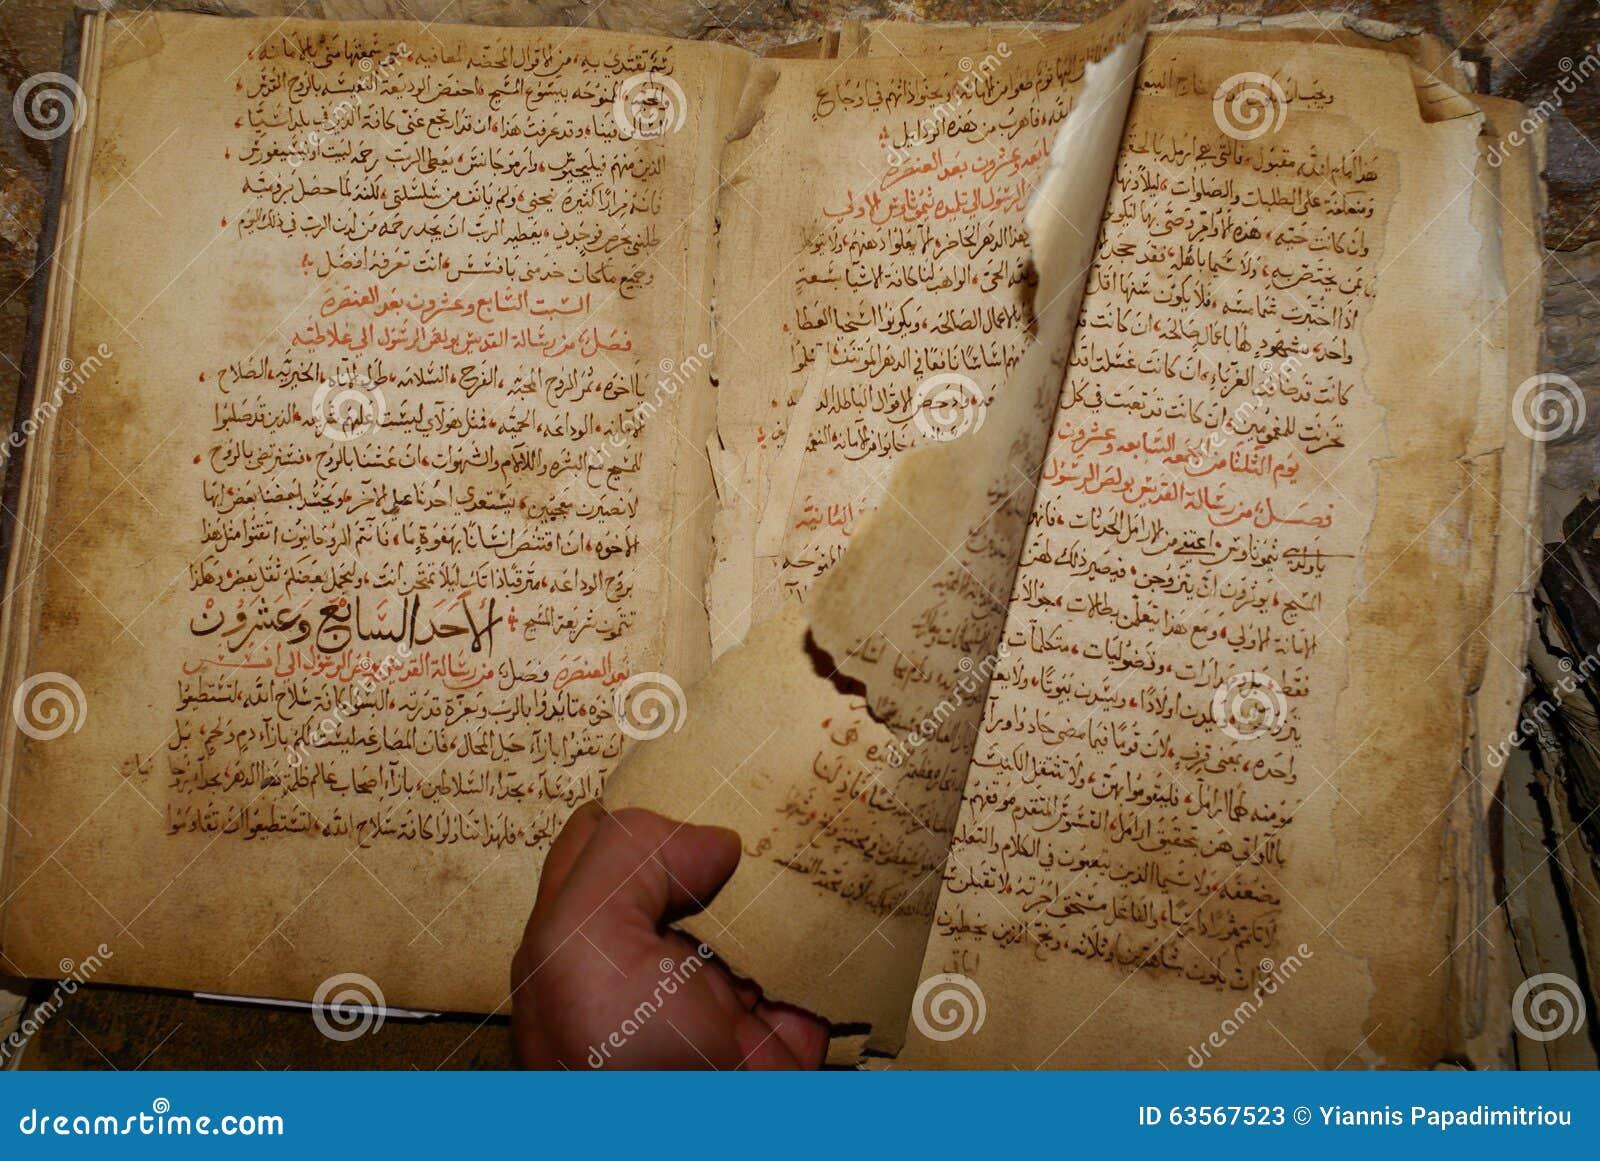 Книги на арабском скачать